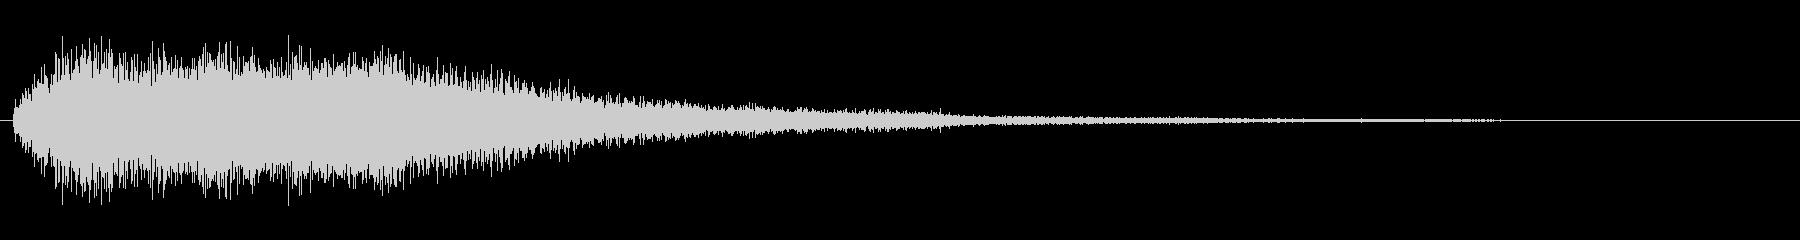 ↑アイテム・レベルアップ・魔法効果音の未再生の波形